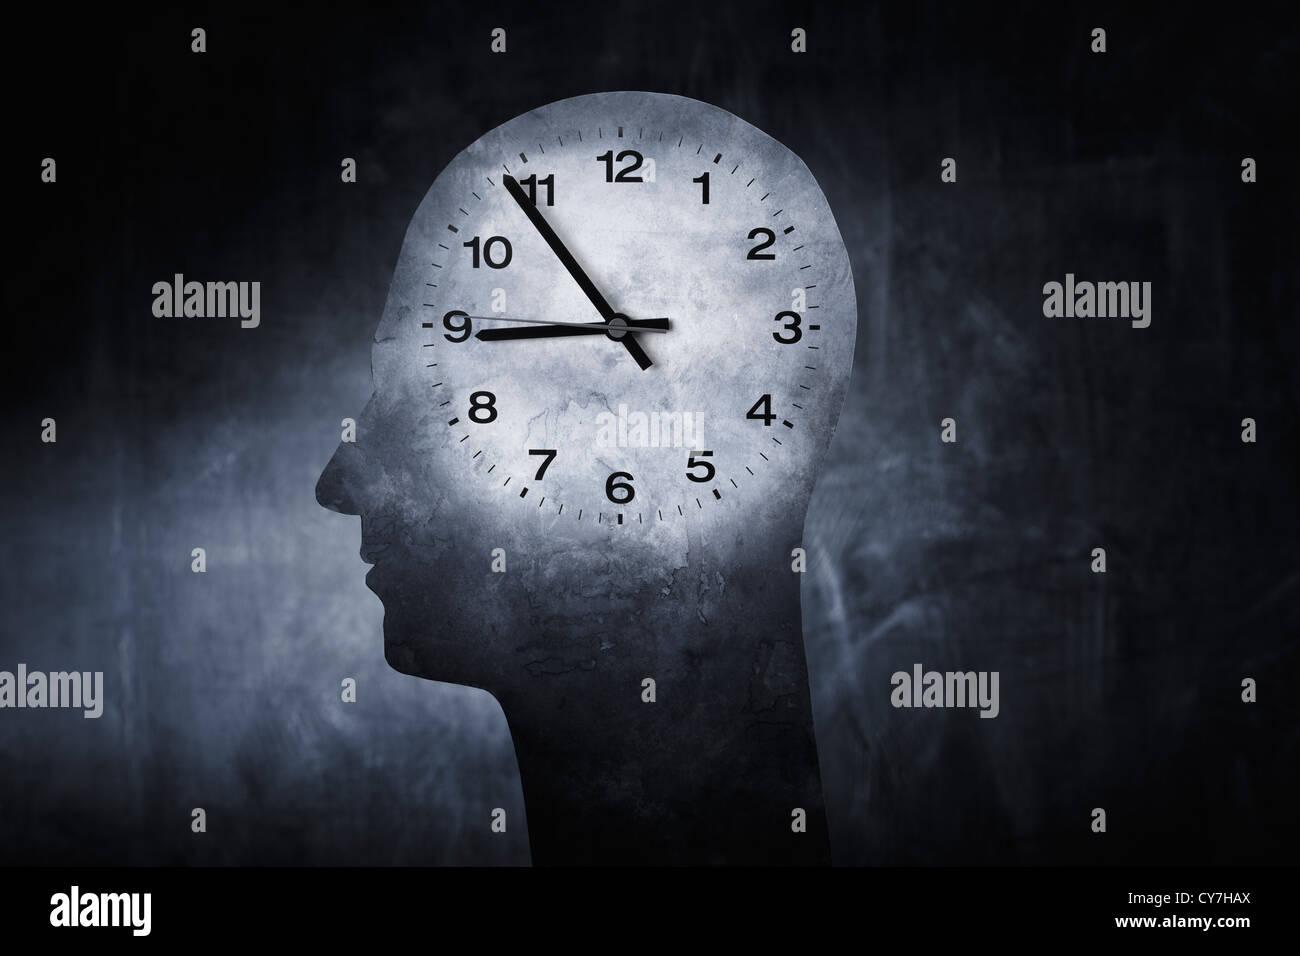 Image conceptuelle d'une horloge superposée à une tête d'un humain. Photo Stock